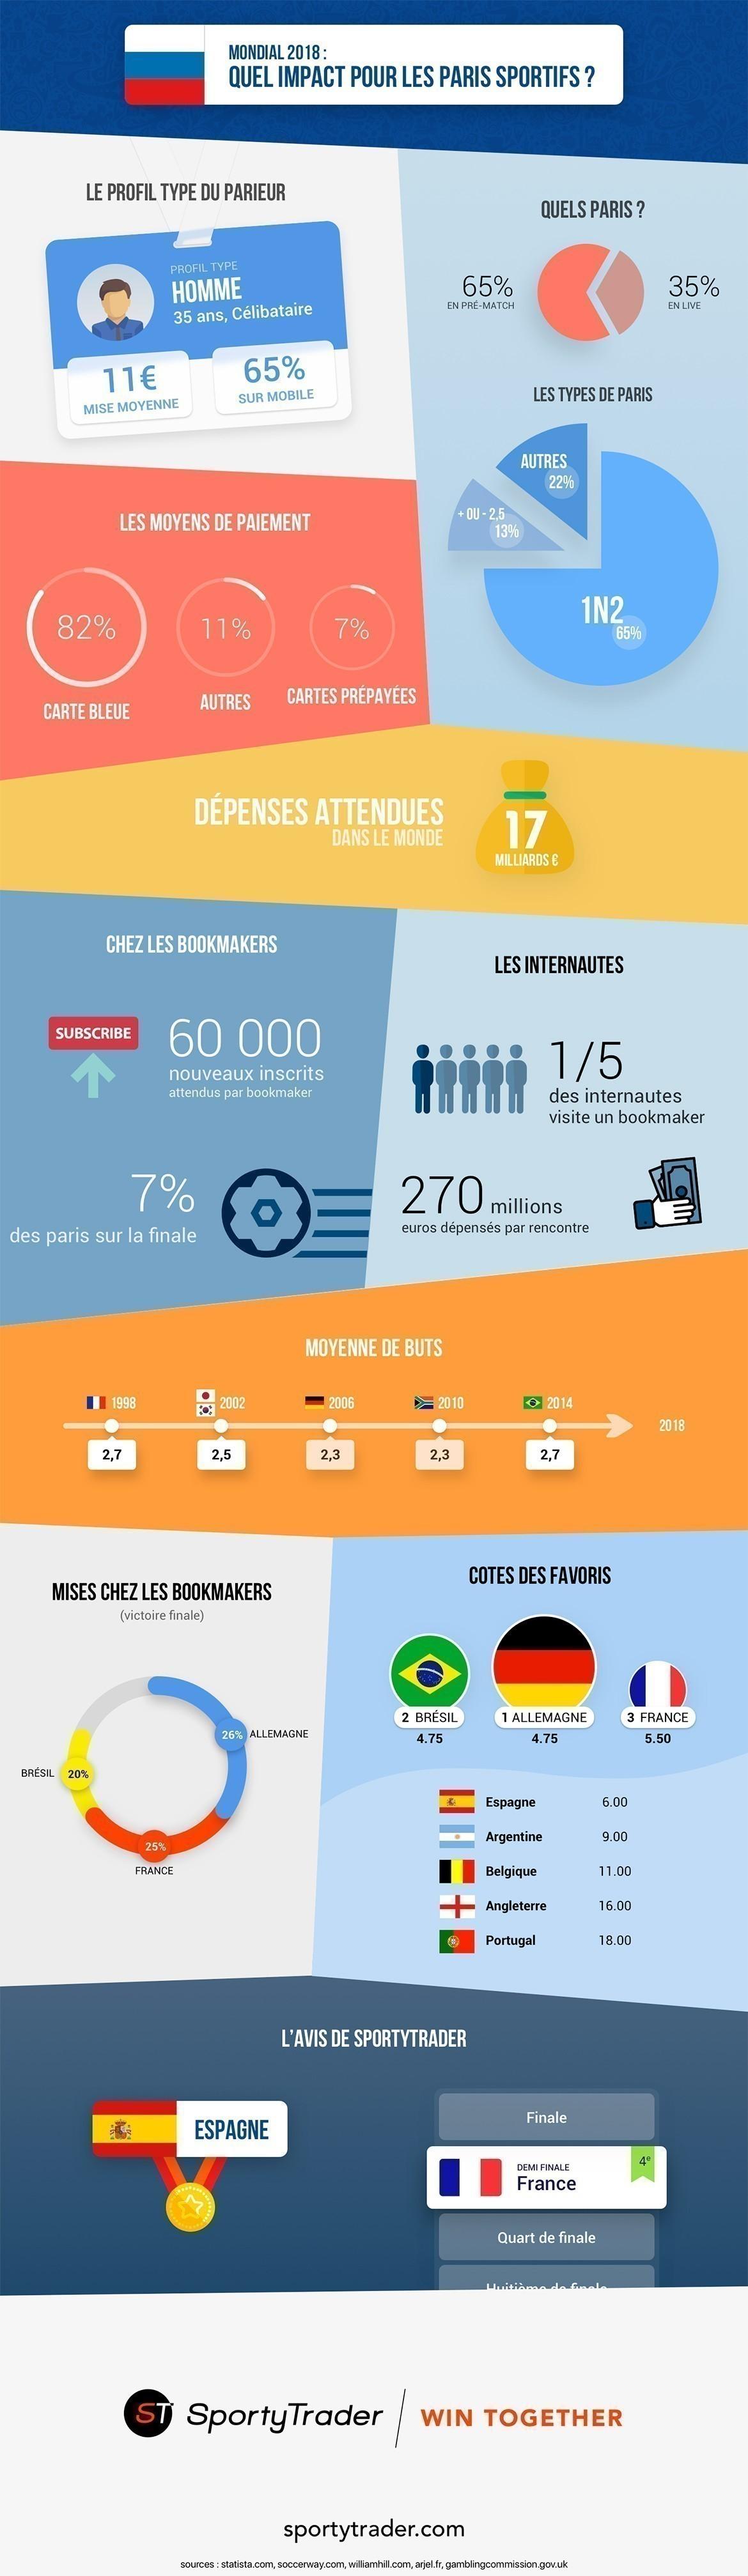 Parier Coupe du Monde 2018 - Infographie